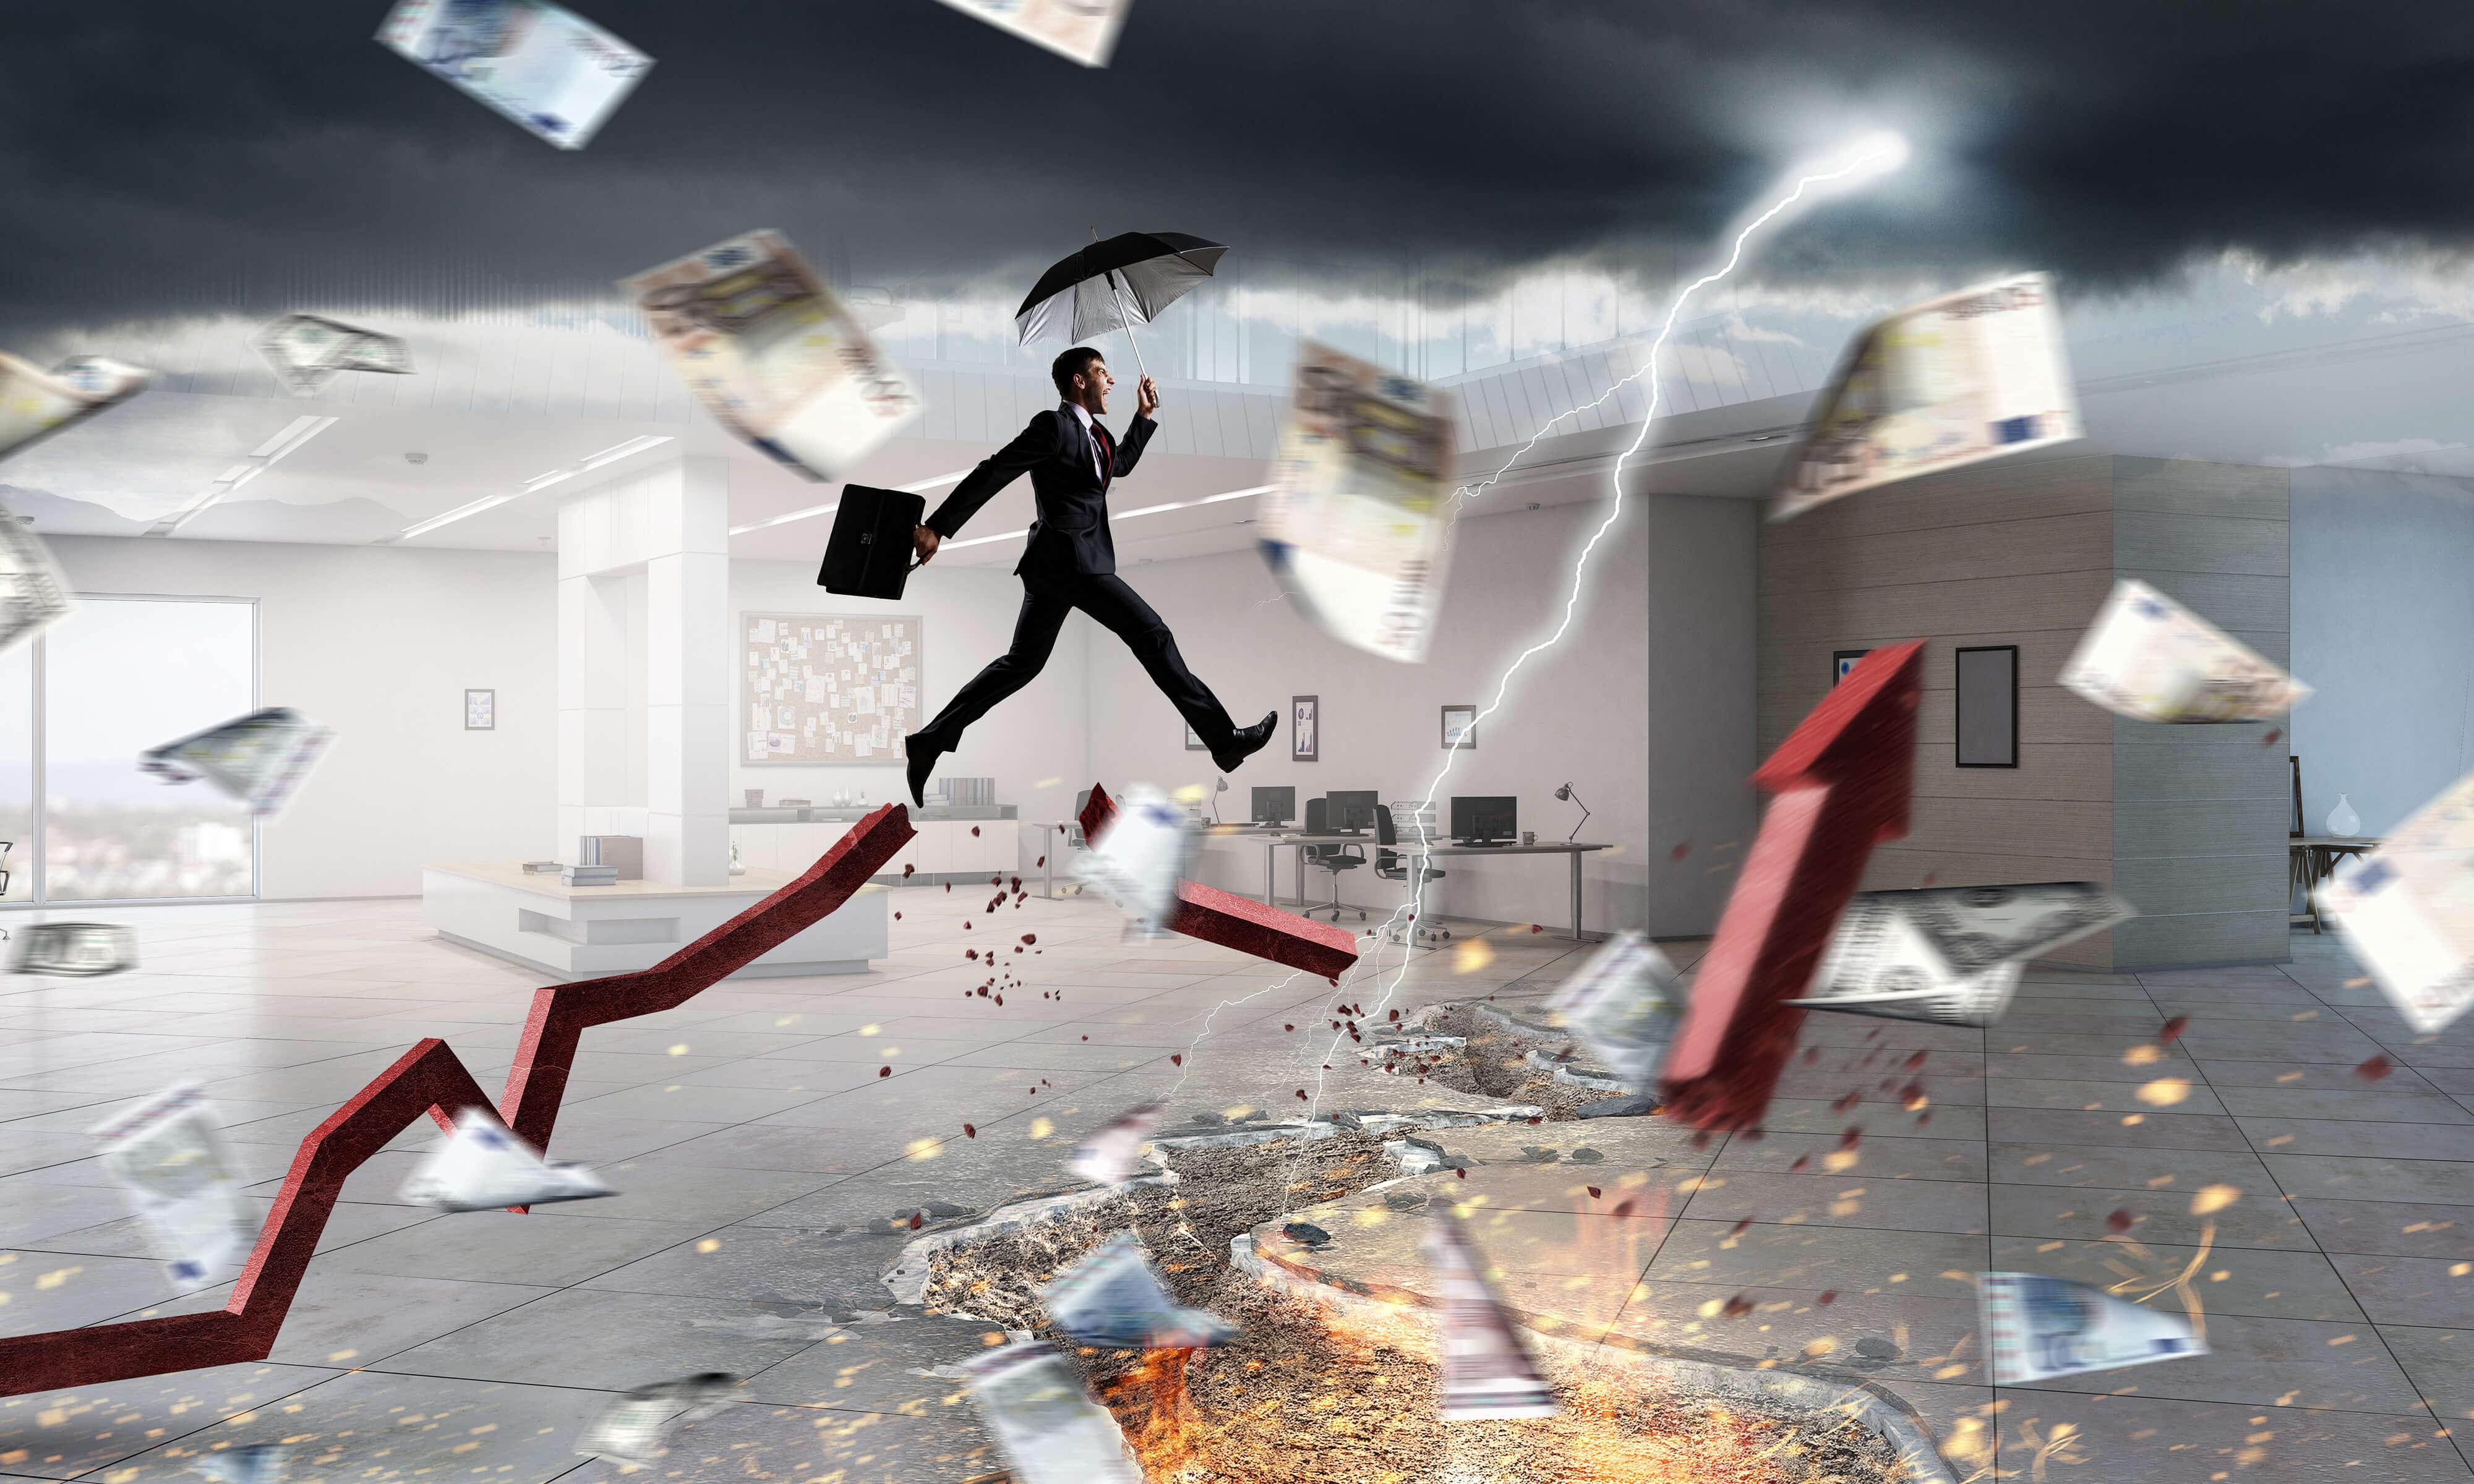 Xây dựng Hệ thống Quản lý rủi ro hoàn chỉnh